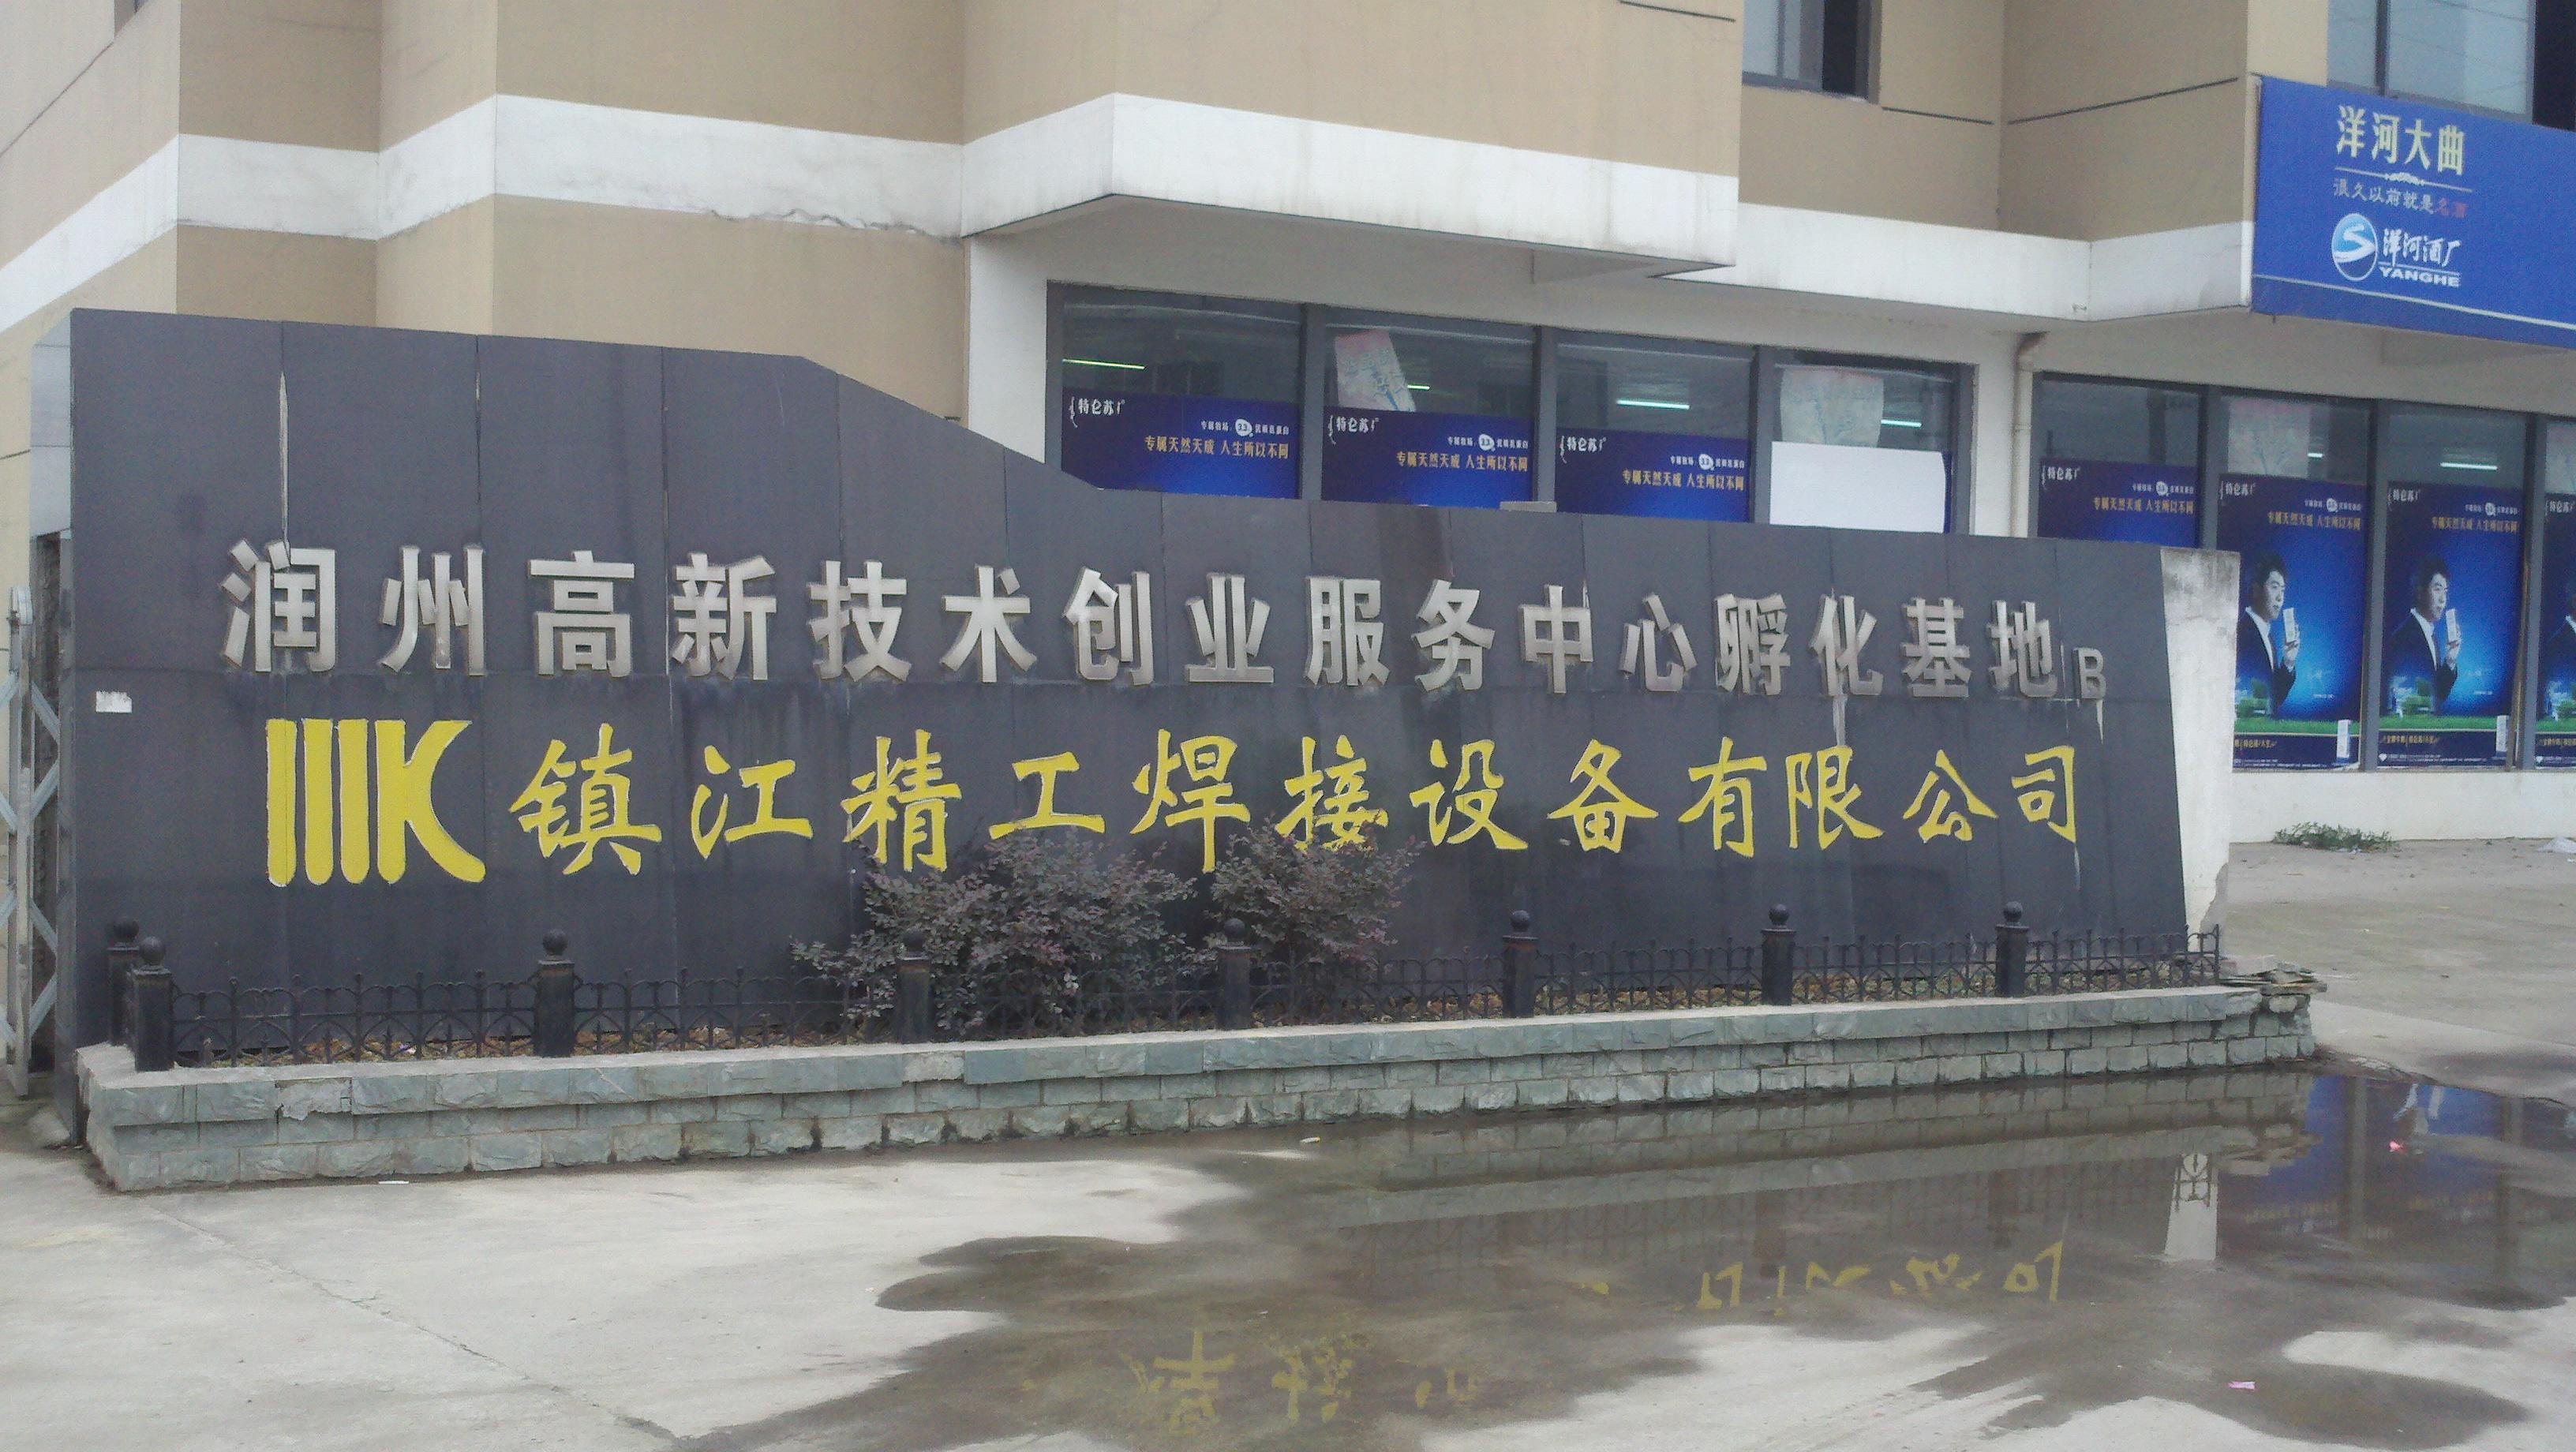 ag视讯厅官网|官方网站精工焊接设备有限公司